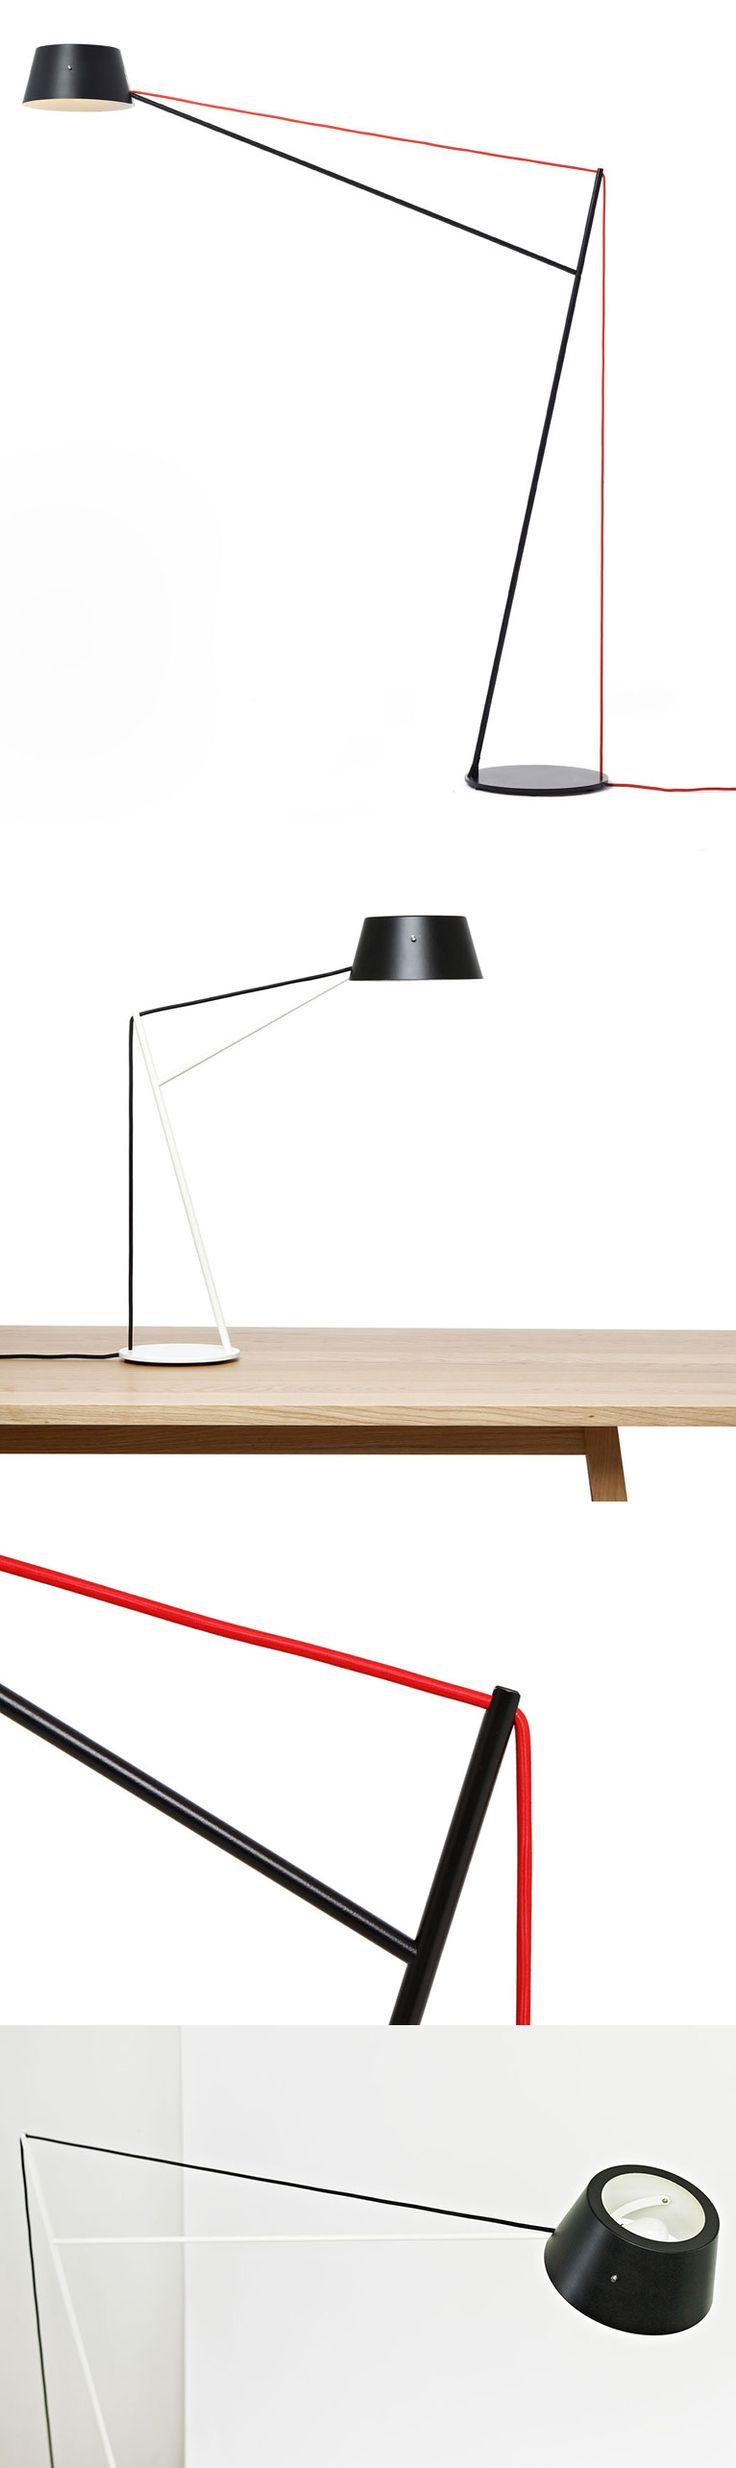 Table lamp vs desk lamp - Lighting Design Spar Light By Jamie Mclellan For Resident Modern Table Light